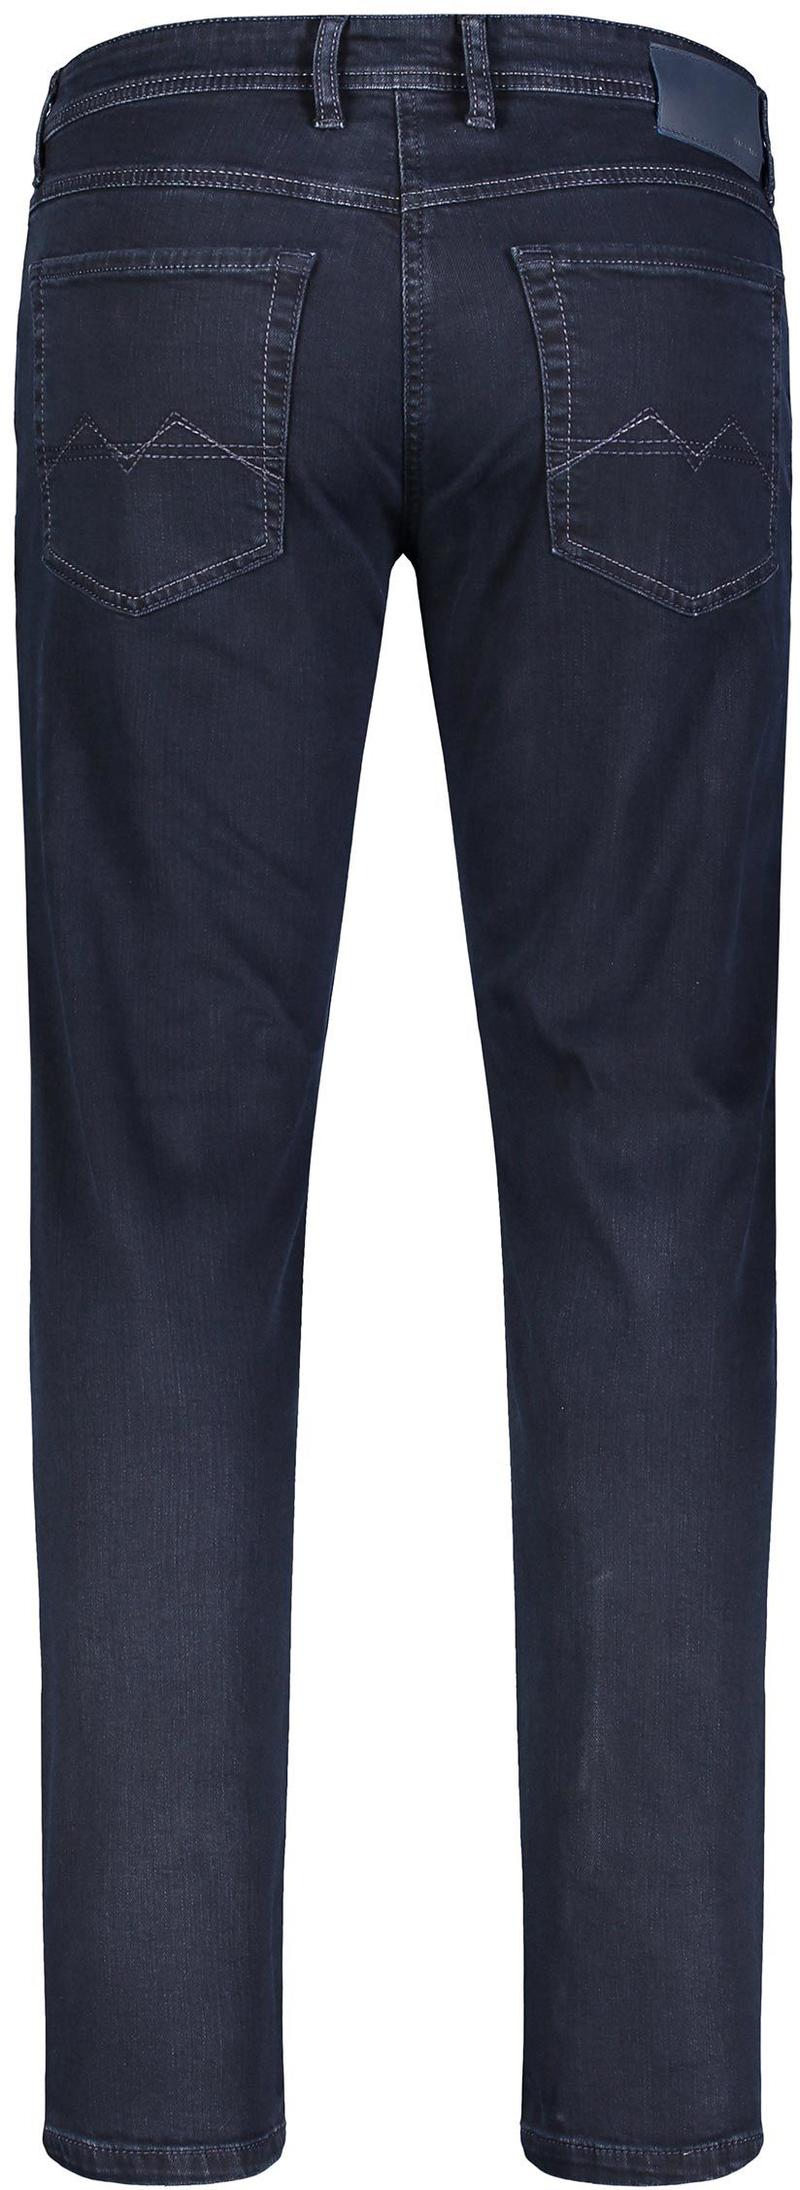 Mac Jeans Arne Stretch Blue Black H799 photo 1